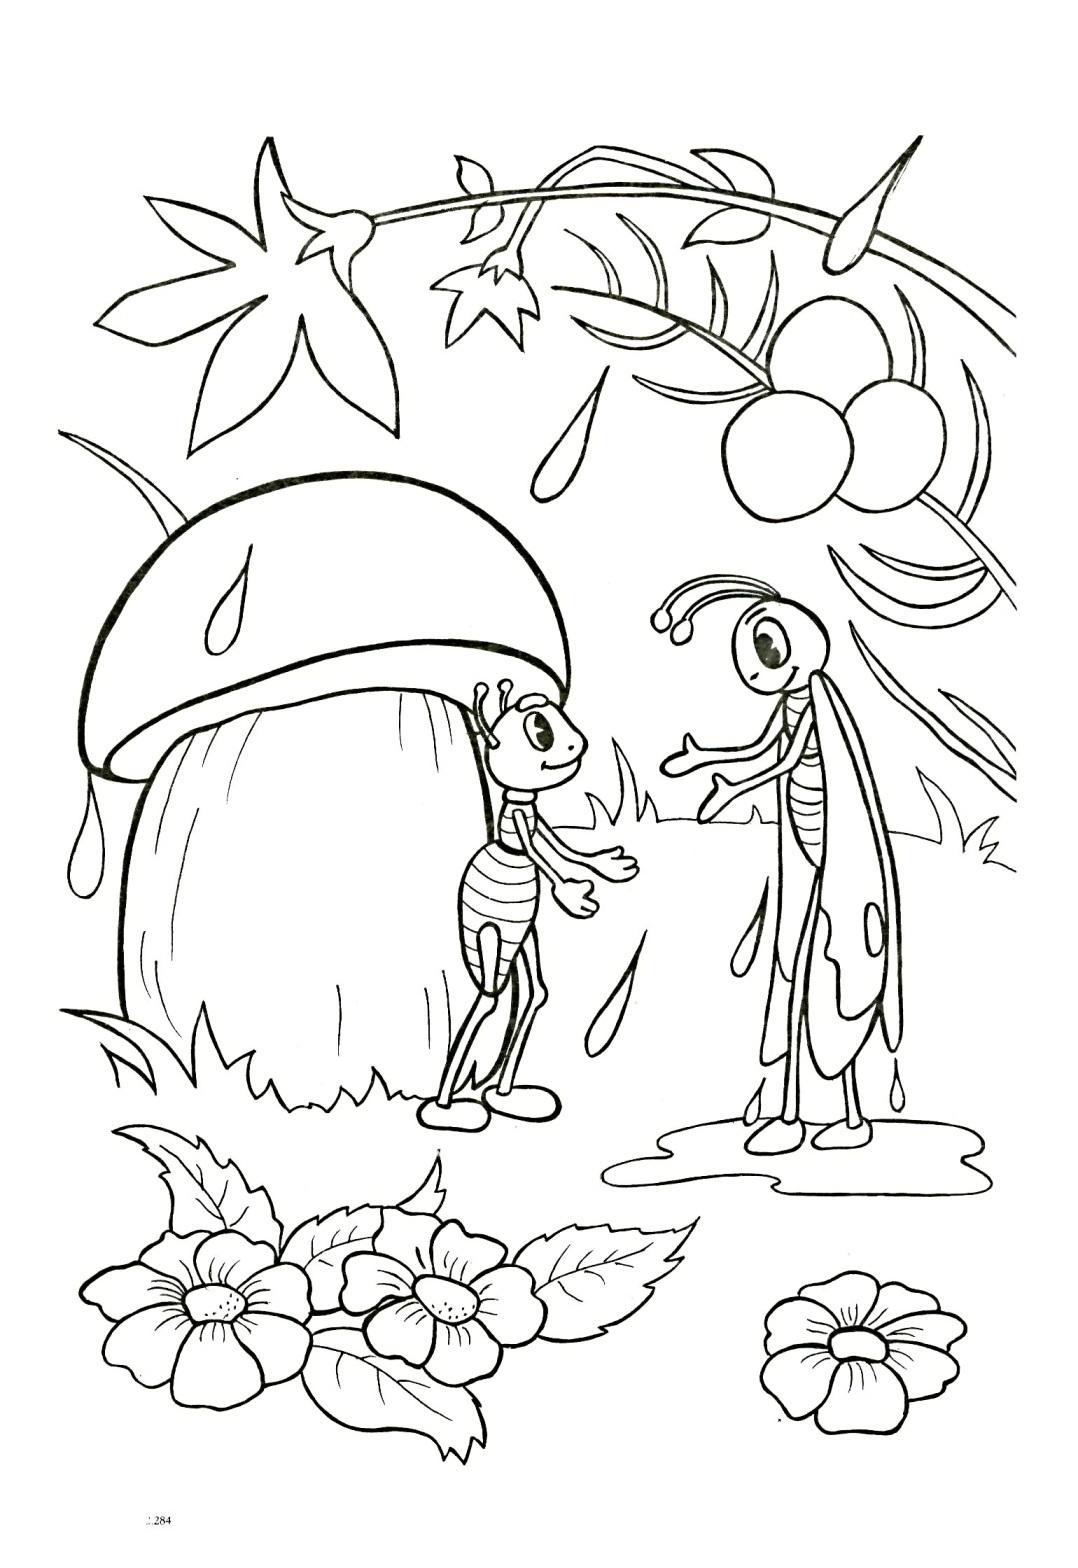 Скачать грибок-теремок мультфильм на avi soupcreate.